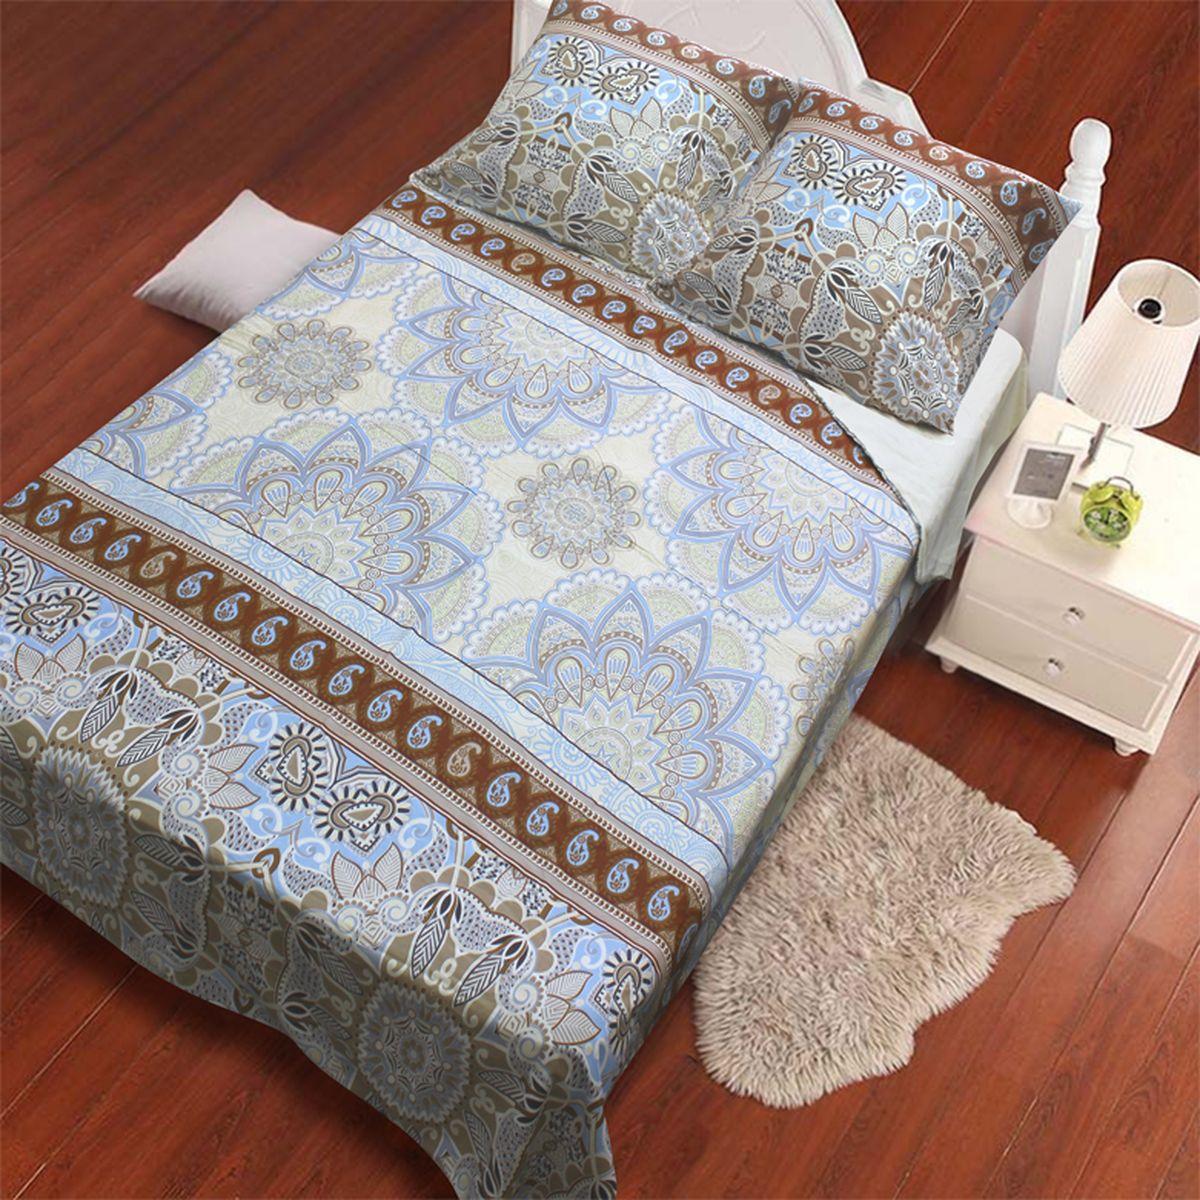 Комплект белья Amore Mio Vostok, 2-спальный, наволочки 70x70, цвет: молочный, бежевый, голубой82914Комплект постельного белья Amore Mio является экологически безопасным для всей семьи, так как выполнен из сатина (100% хлопок). Постельное белье оформлено оригинальным рисунком и имеет изысканный внешний вид. Сатин - это ткань сатинового (атласного) переплетения нитей. Имеет гладкую, шелковистую лицевую поверхность, на которой преобладают уточные нити (уток - горизонтально расположенные в тканом полотне нити). Сатин изготавливается из крученой хлопковой нити двойного плетения. Он чрезвычайно приятен на ощупь, не электризуется и не скользит по кровати. Сатин прекрасно сохраняет форму и не мнется, отлично пропускает воздух, что позволяет телу дышать и дарит здоровый и комфортный сон. Комплект состоит из пододеяльника, простыни и двух наволочек.